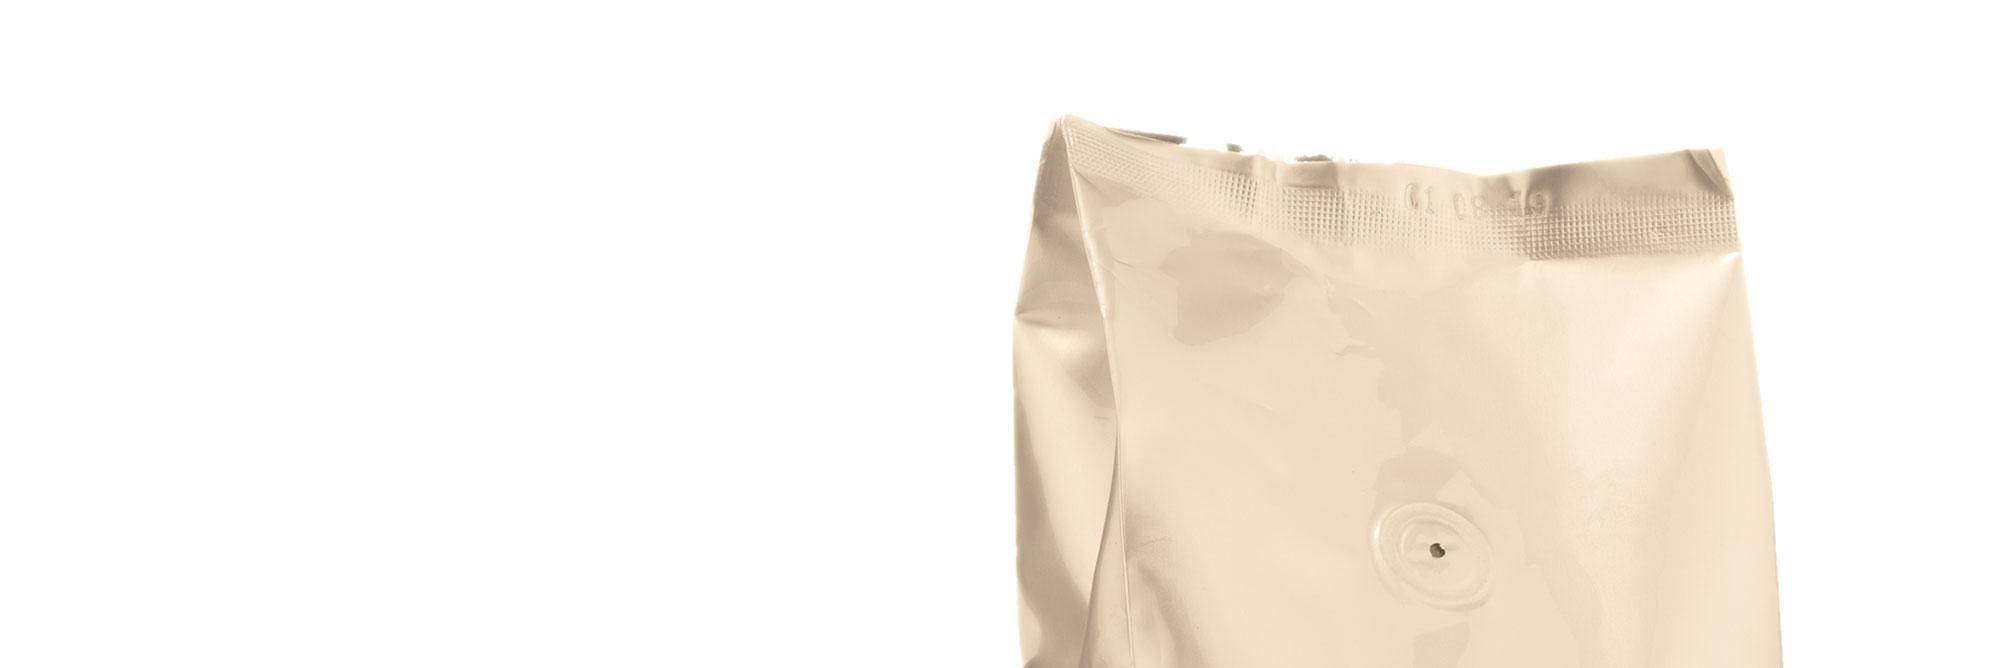 Valvola salva aroma caffè torrefatto artigianalmente - Coff-e